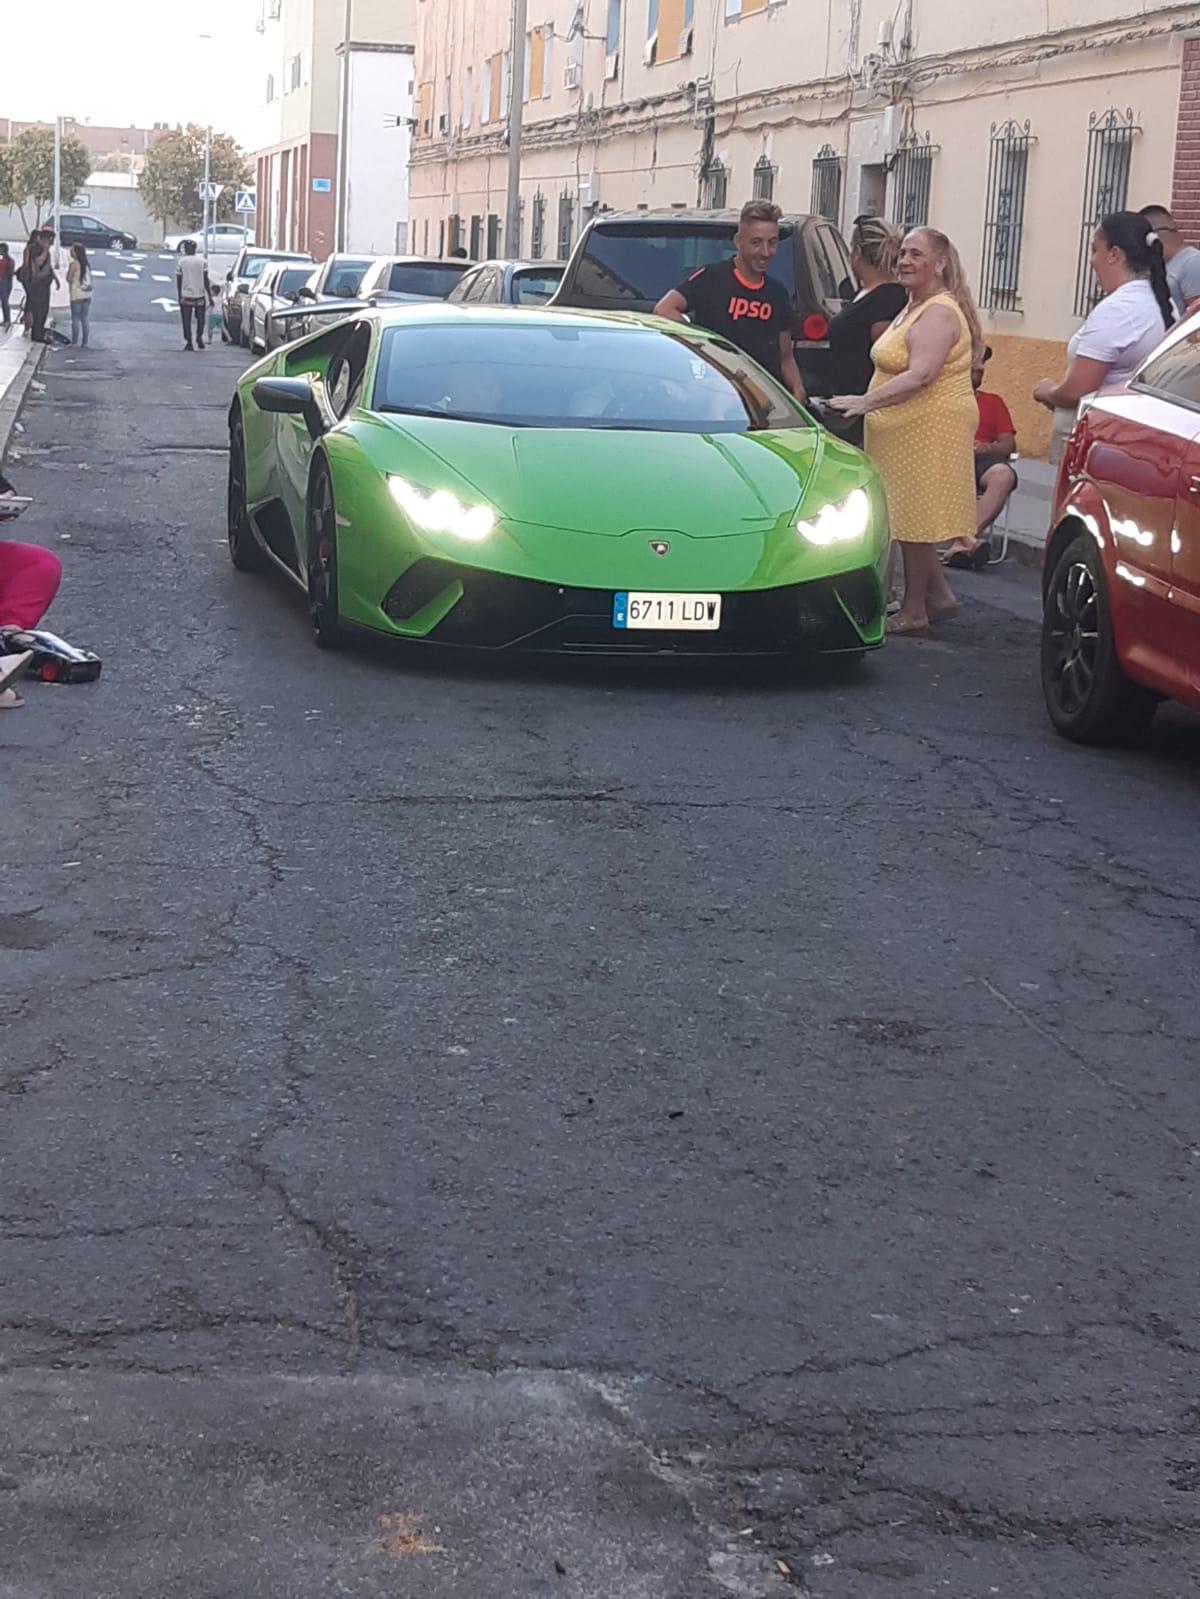 Historias de un currante: Lleva 3 meses esperando un Lamborghini Huracán, y lo destrozan el segundo día en Huelva